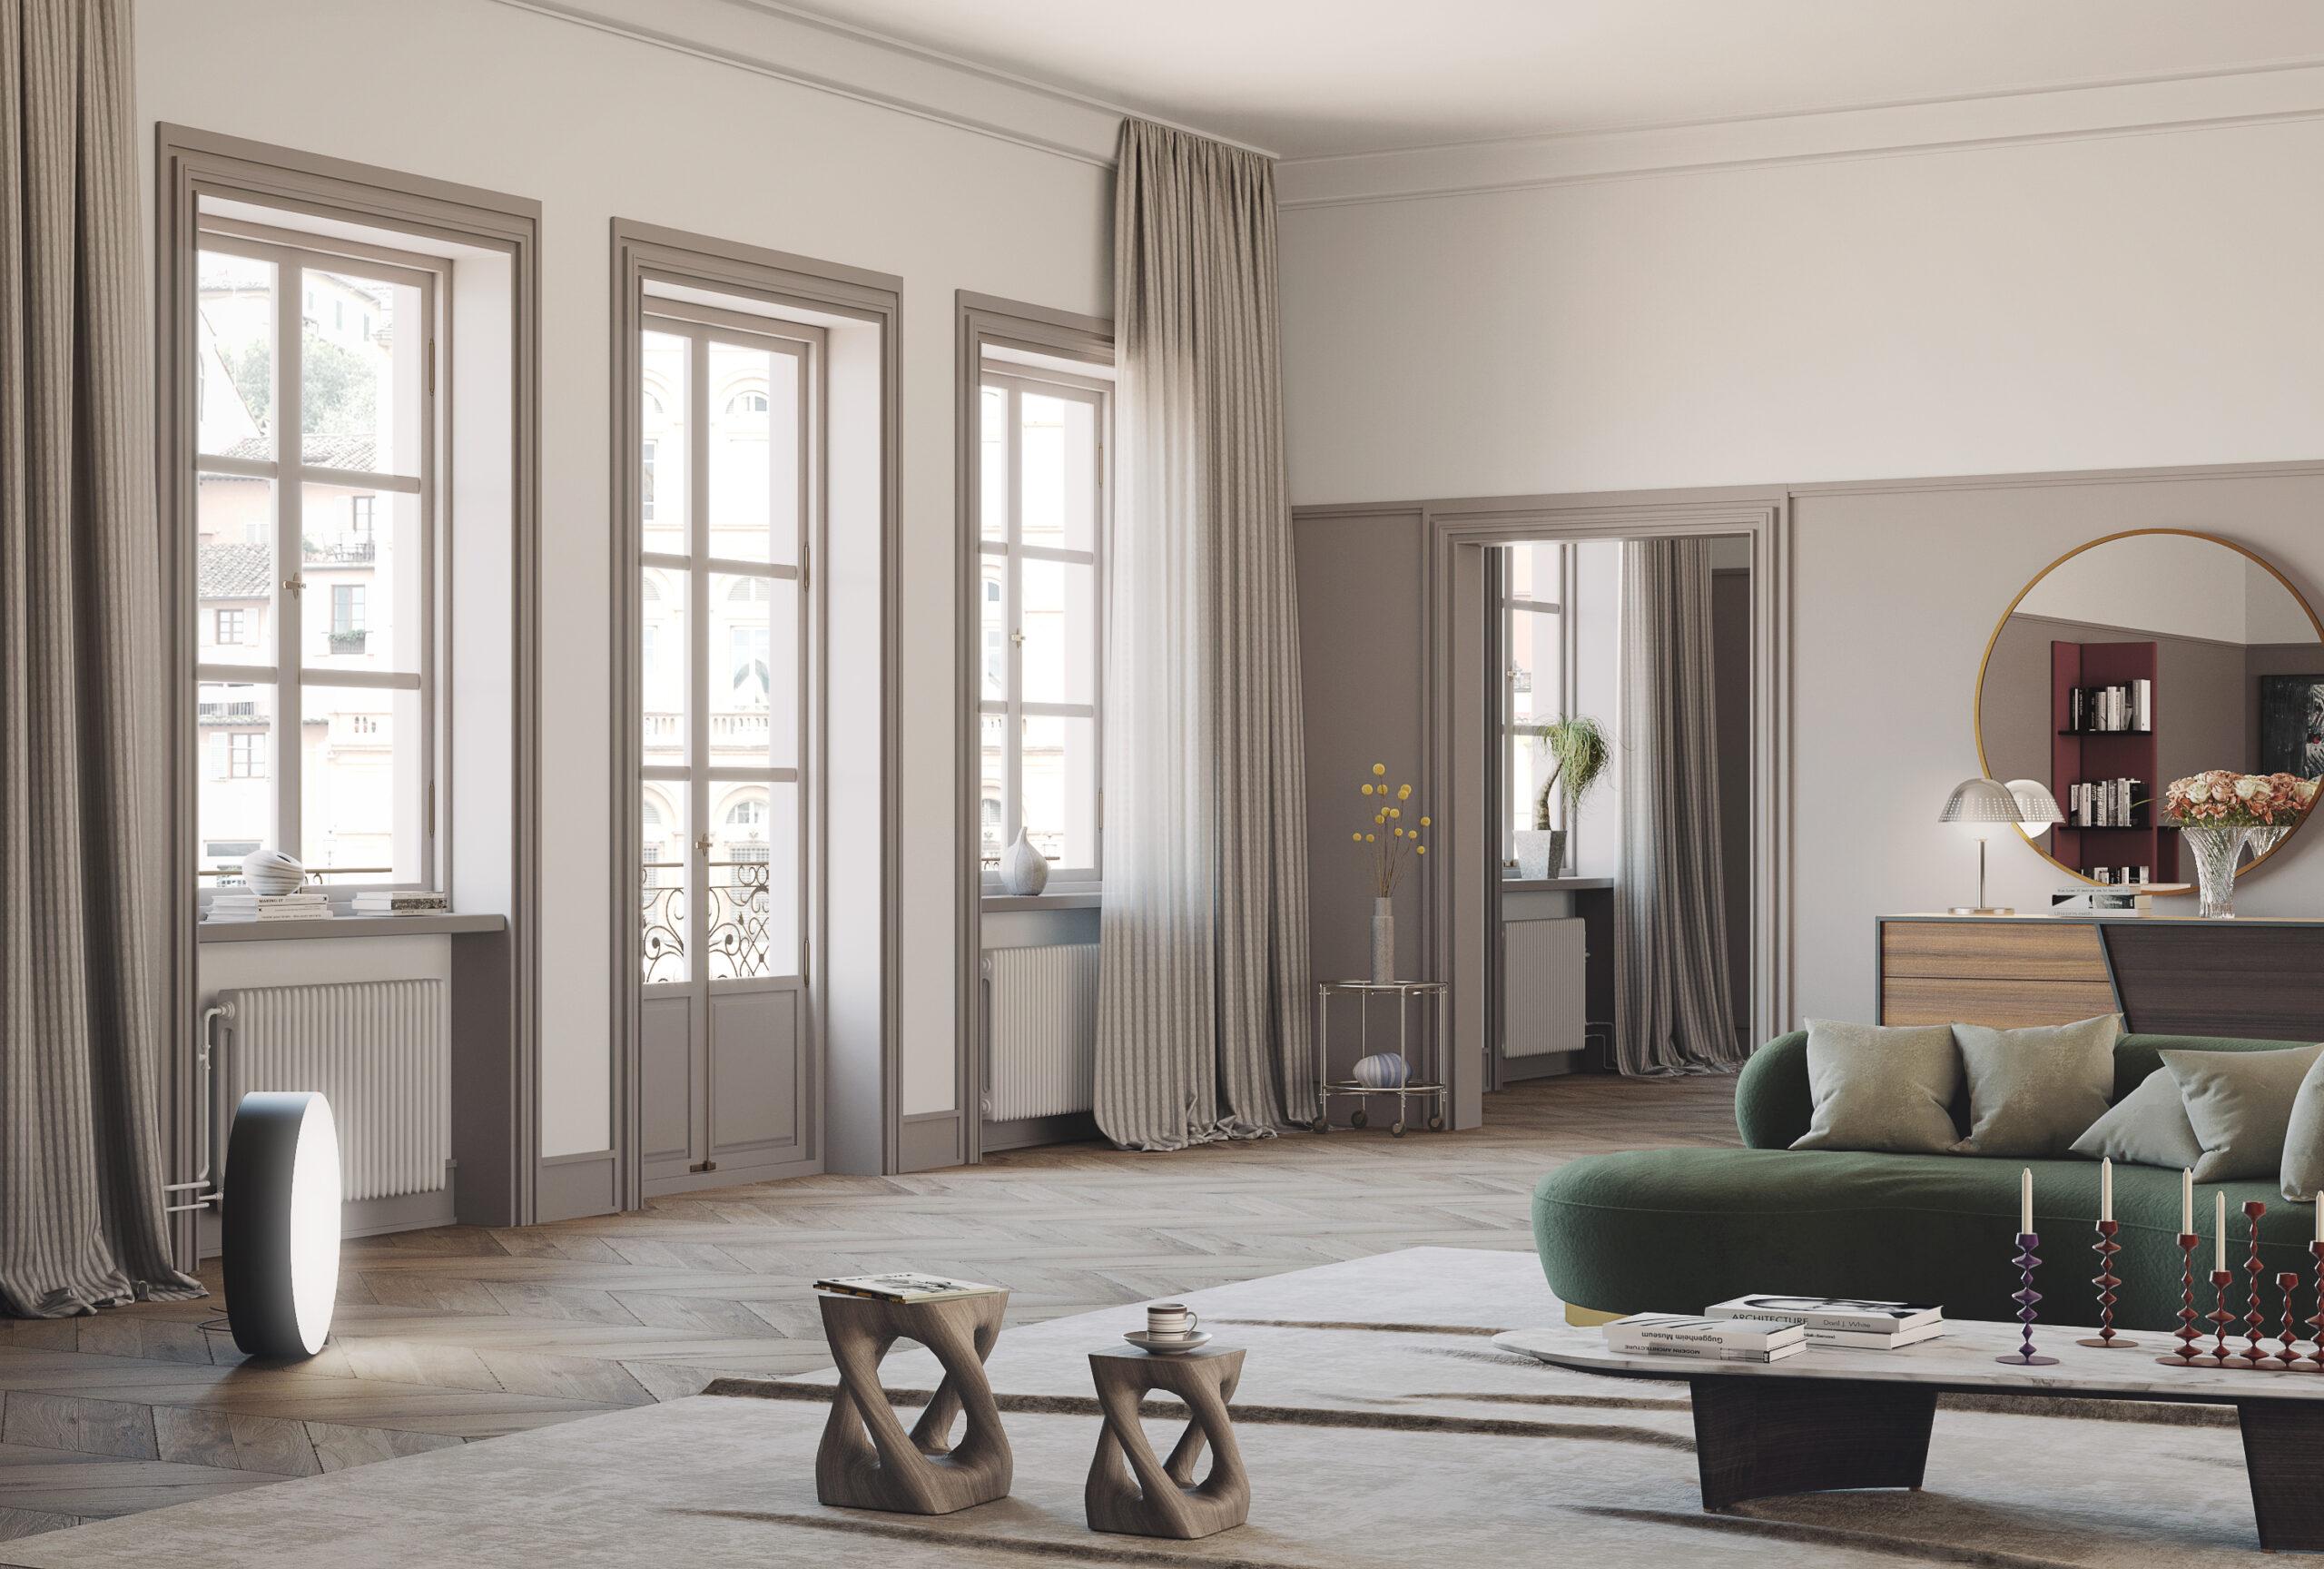 Salone color cipria con finestre e divano verde